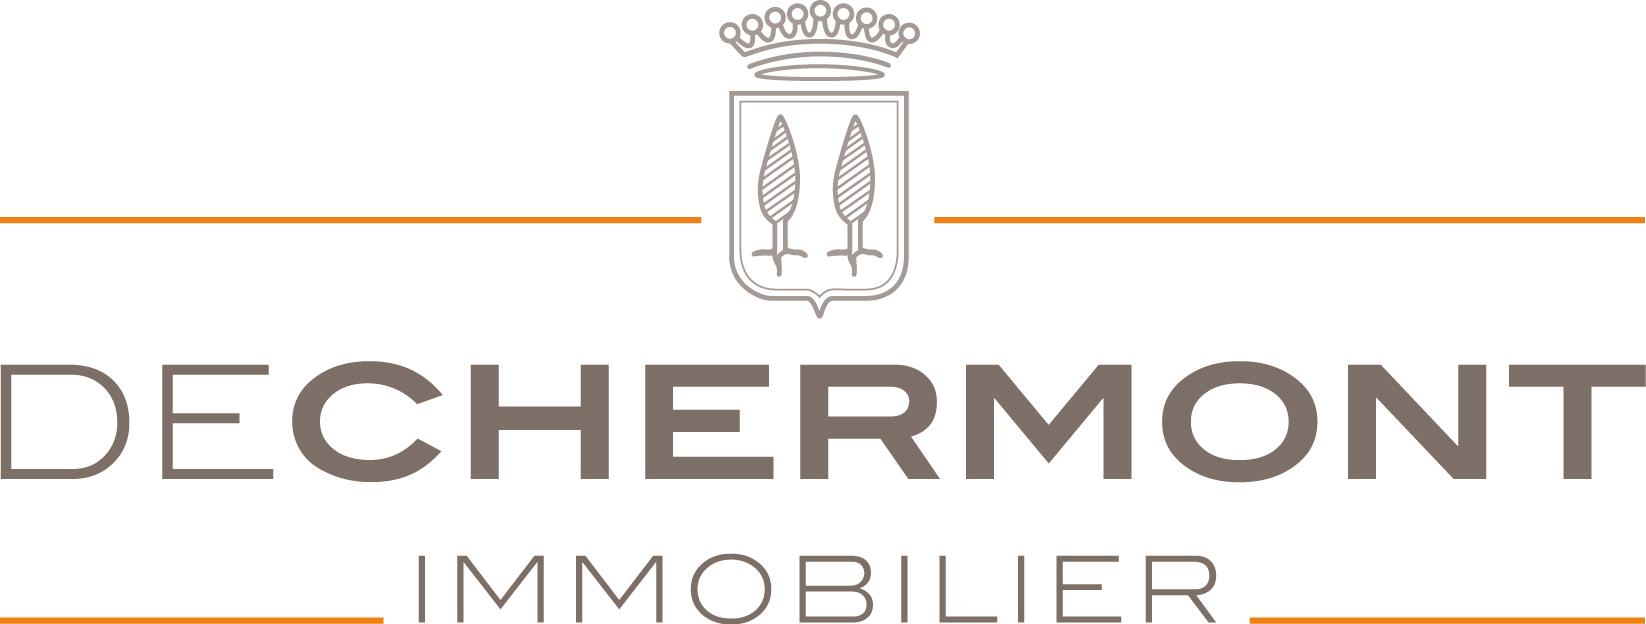 De Chermont Immobilier